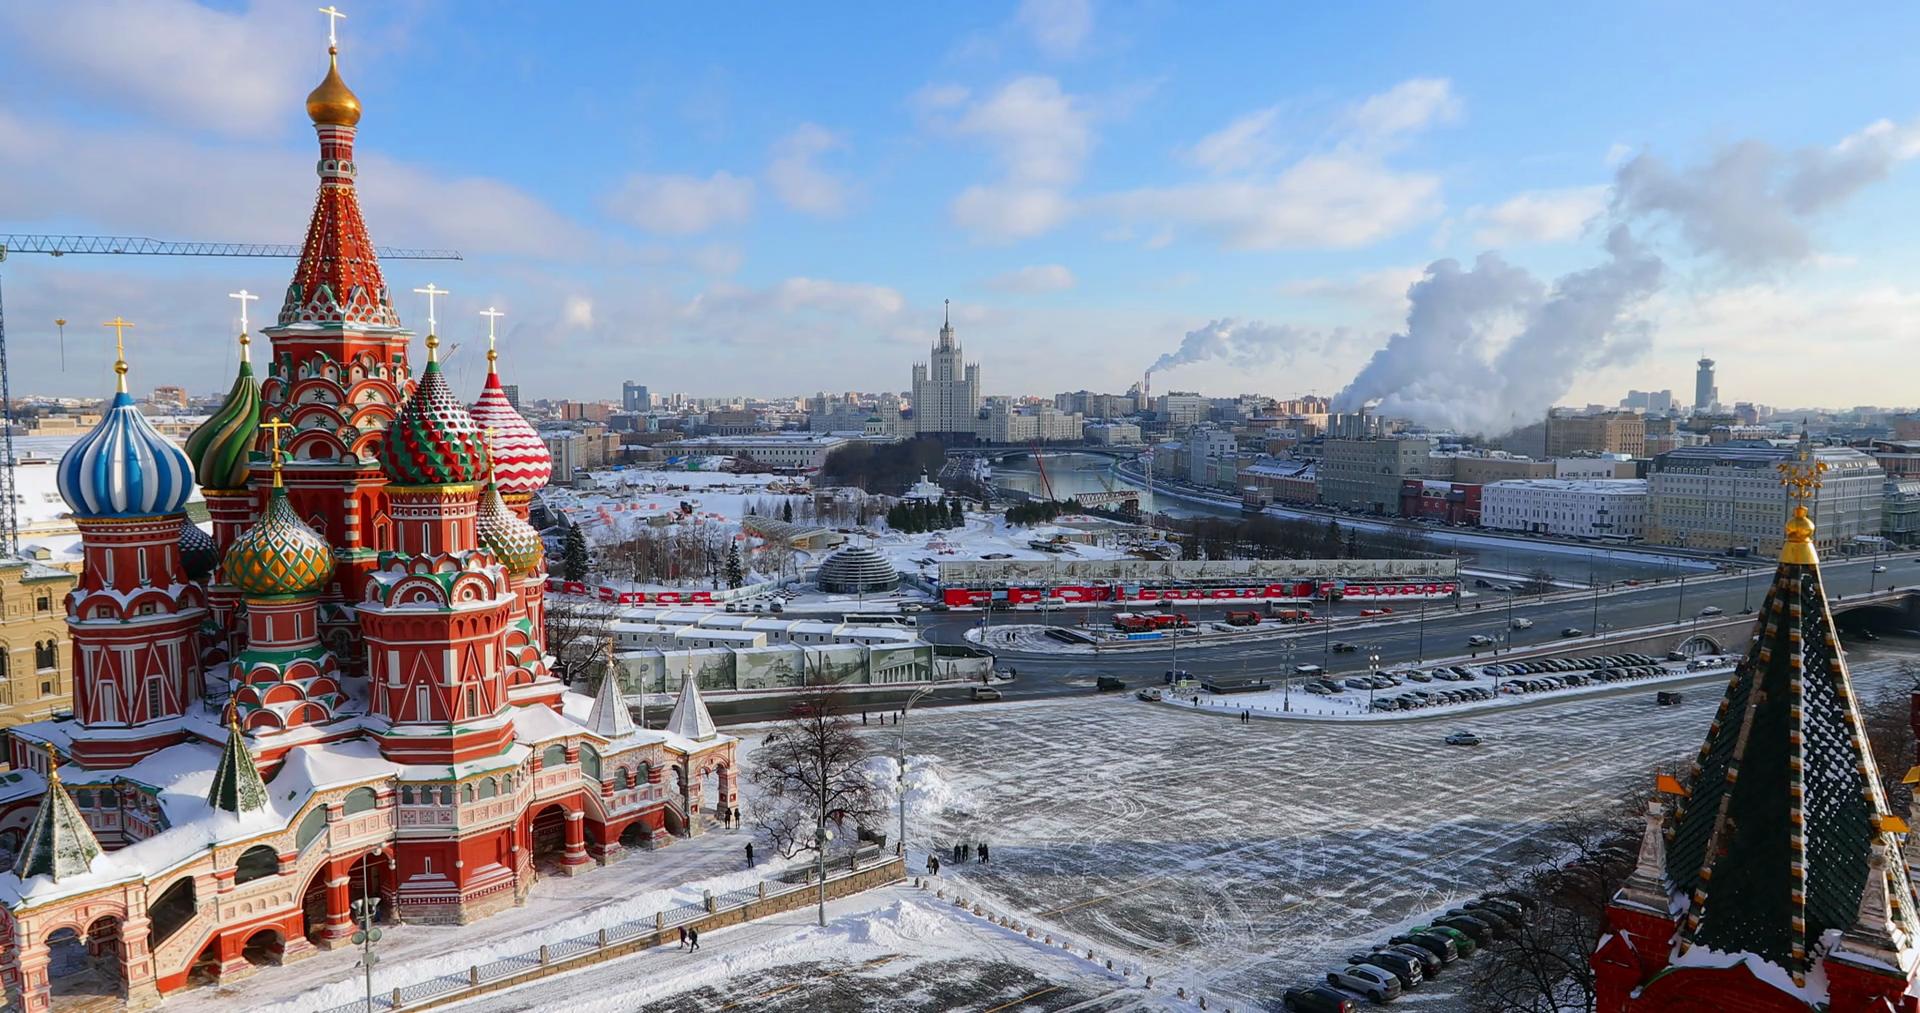 Χριστούγεννα - Πρωτοχρονιά /  Μόσχα - Αγία Πετρούπολη